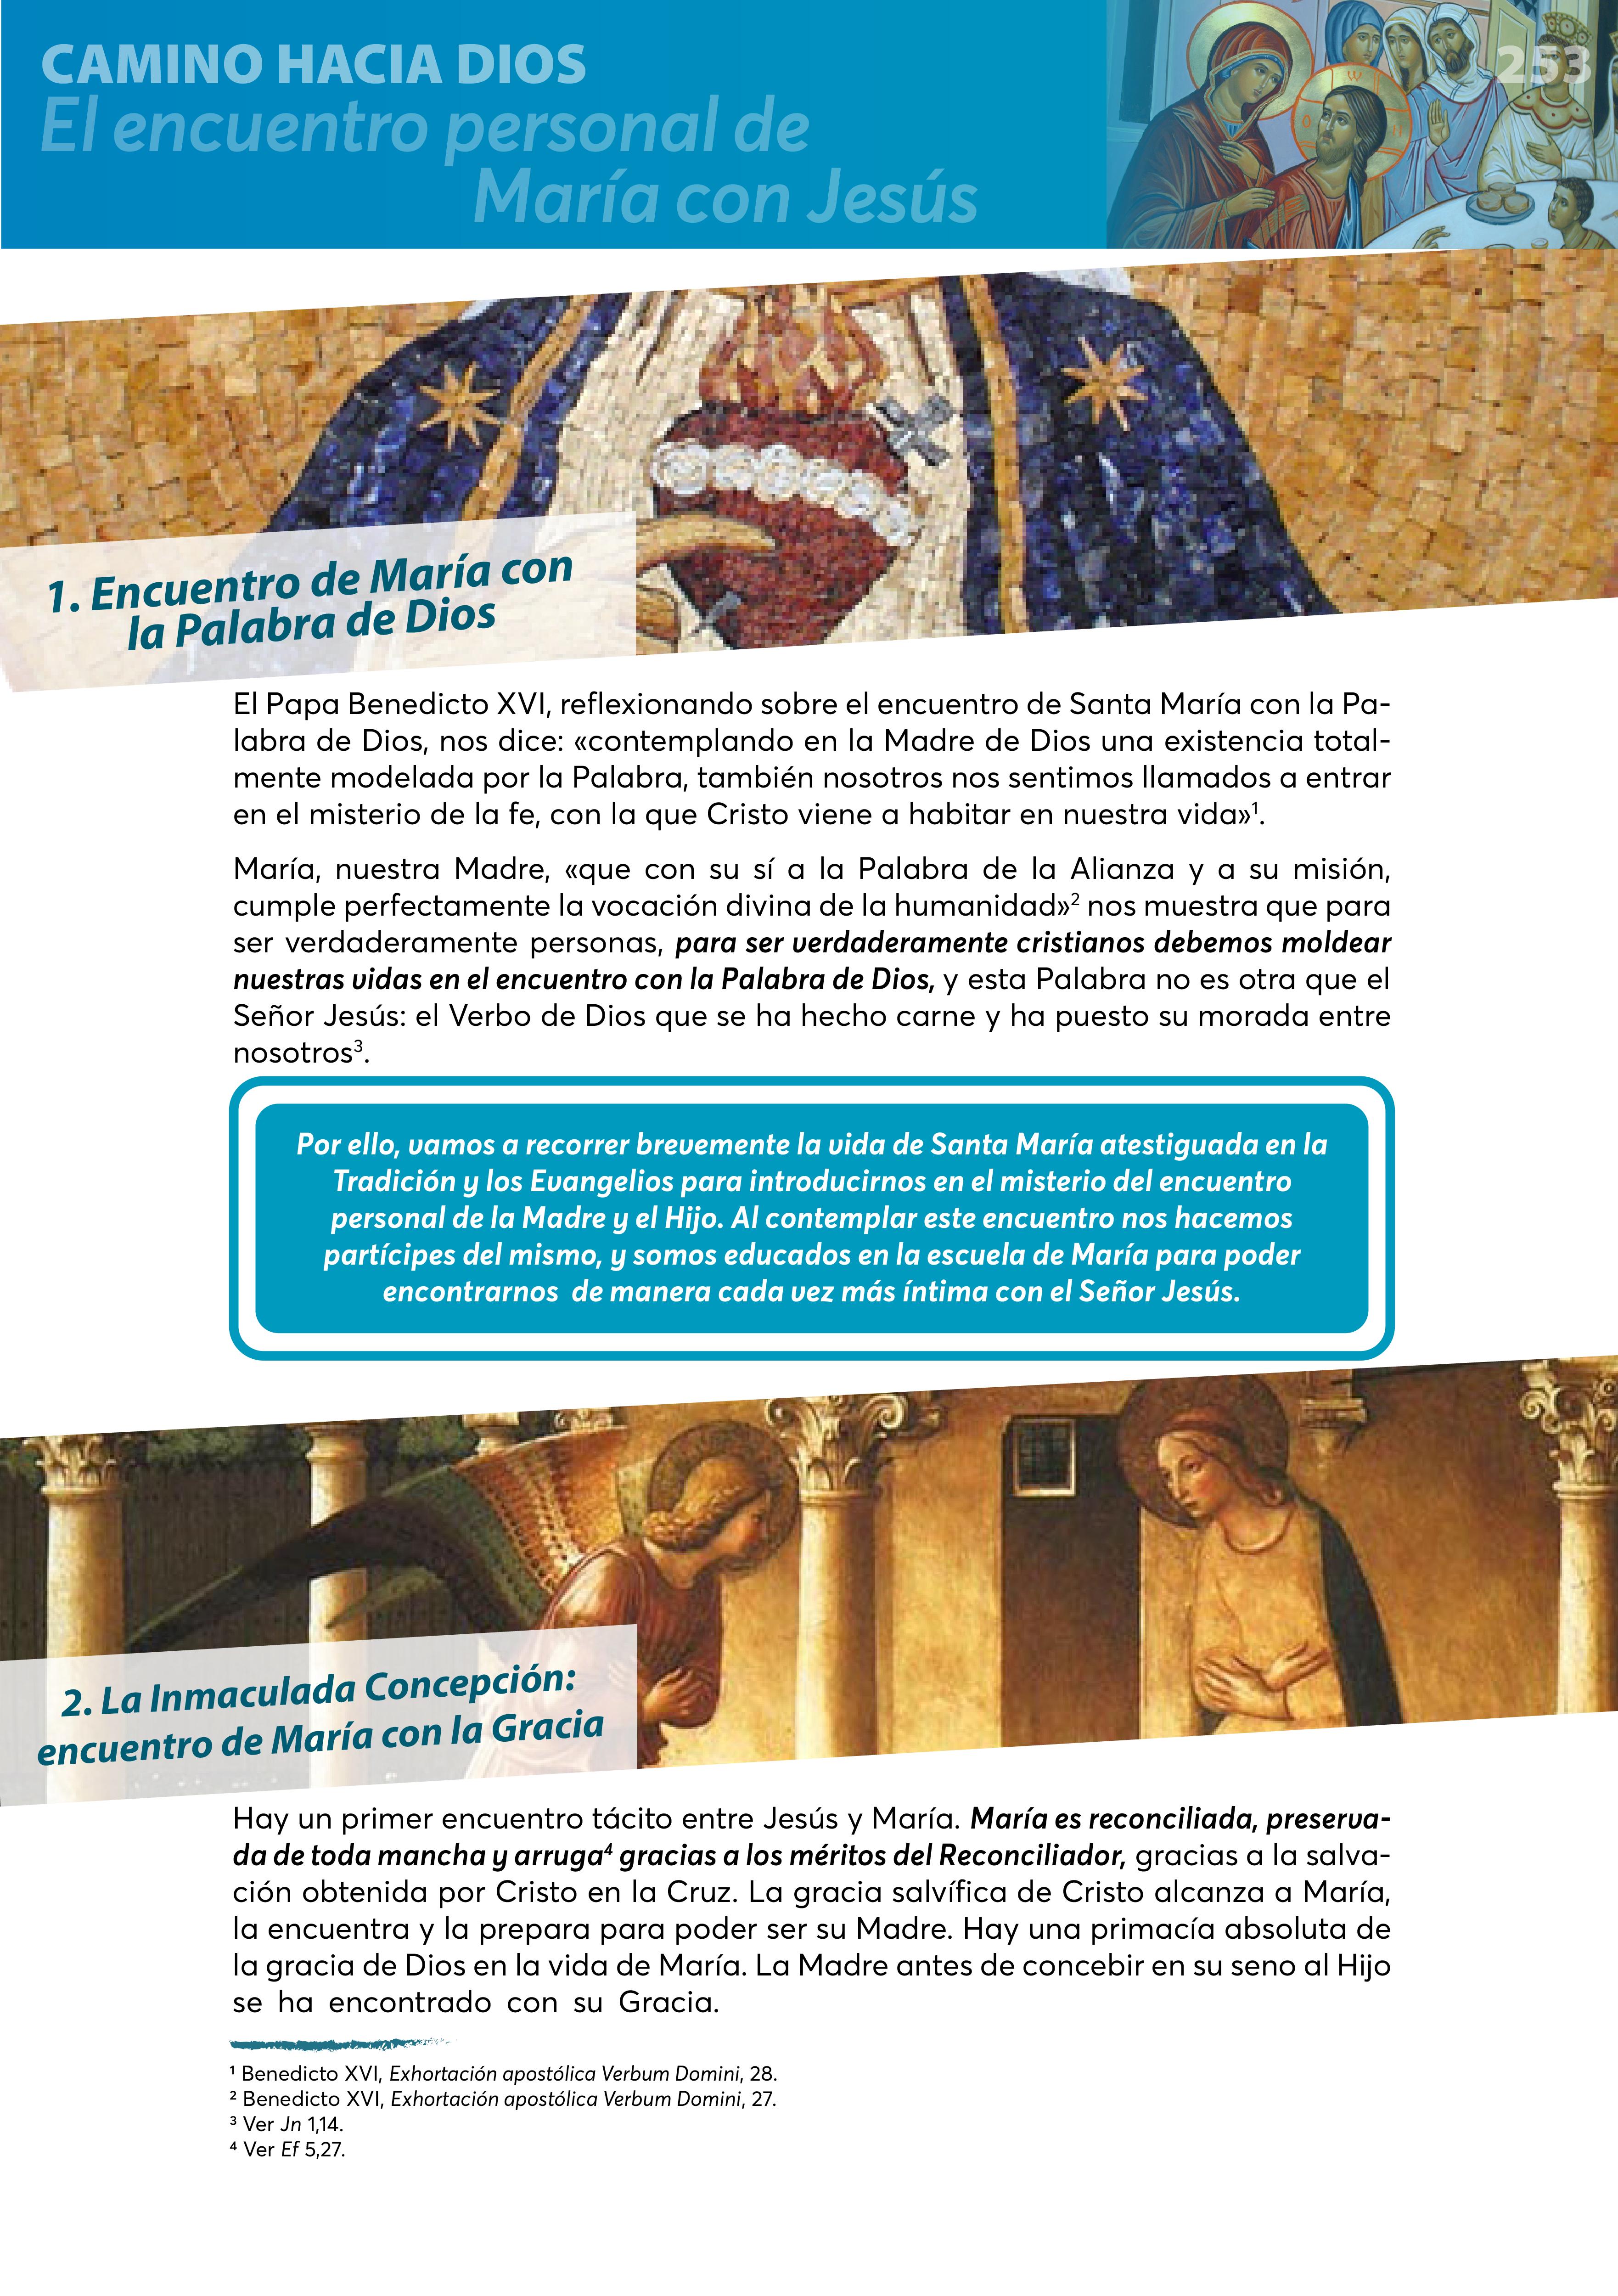 CHD 253 Encuentro de María con Jesús-02